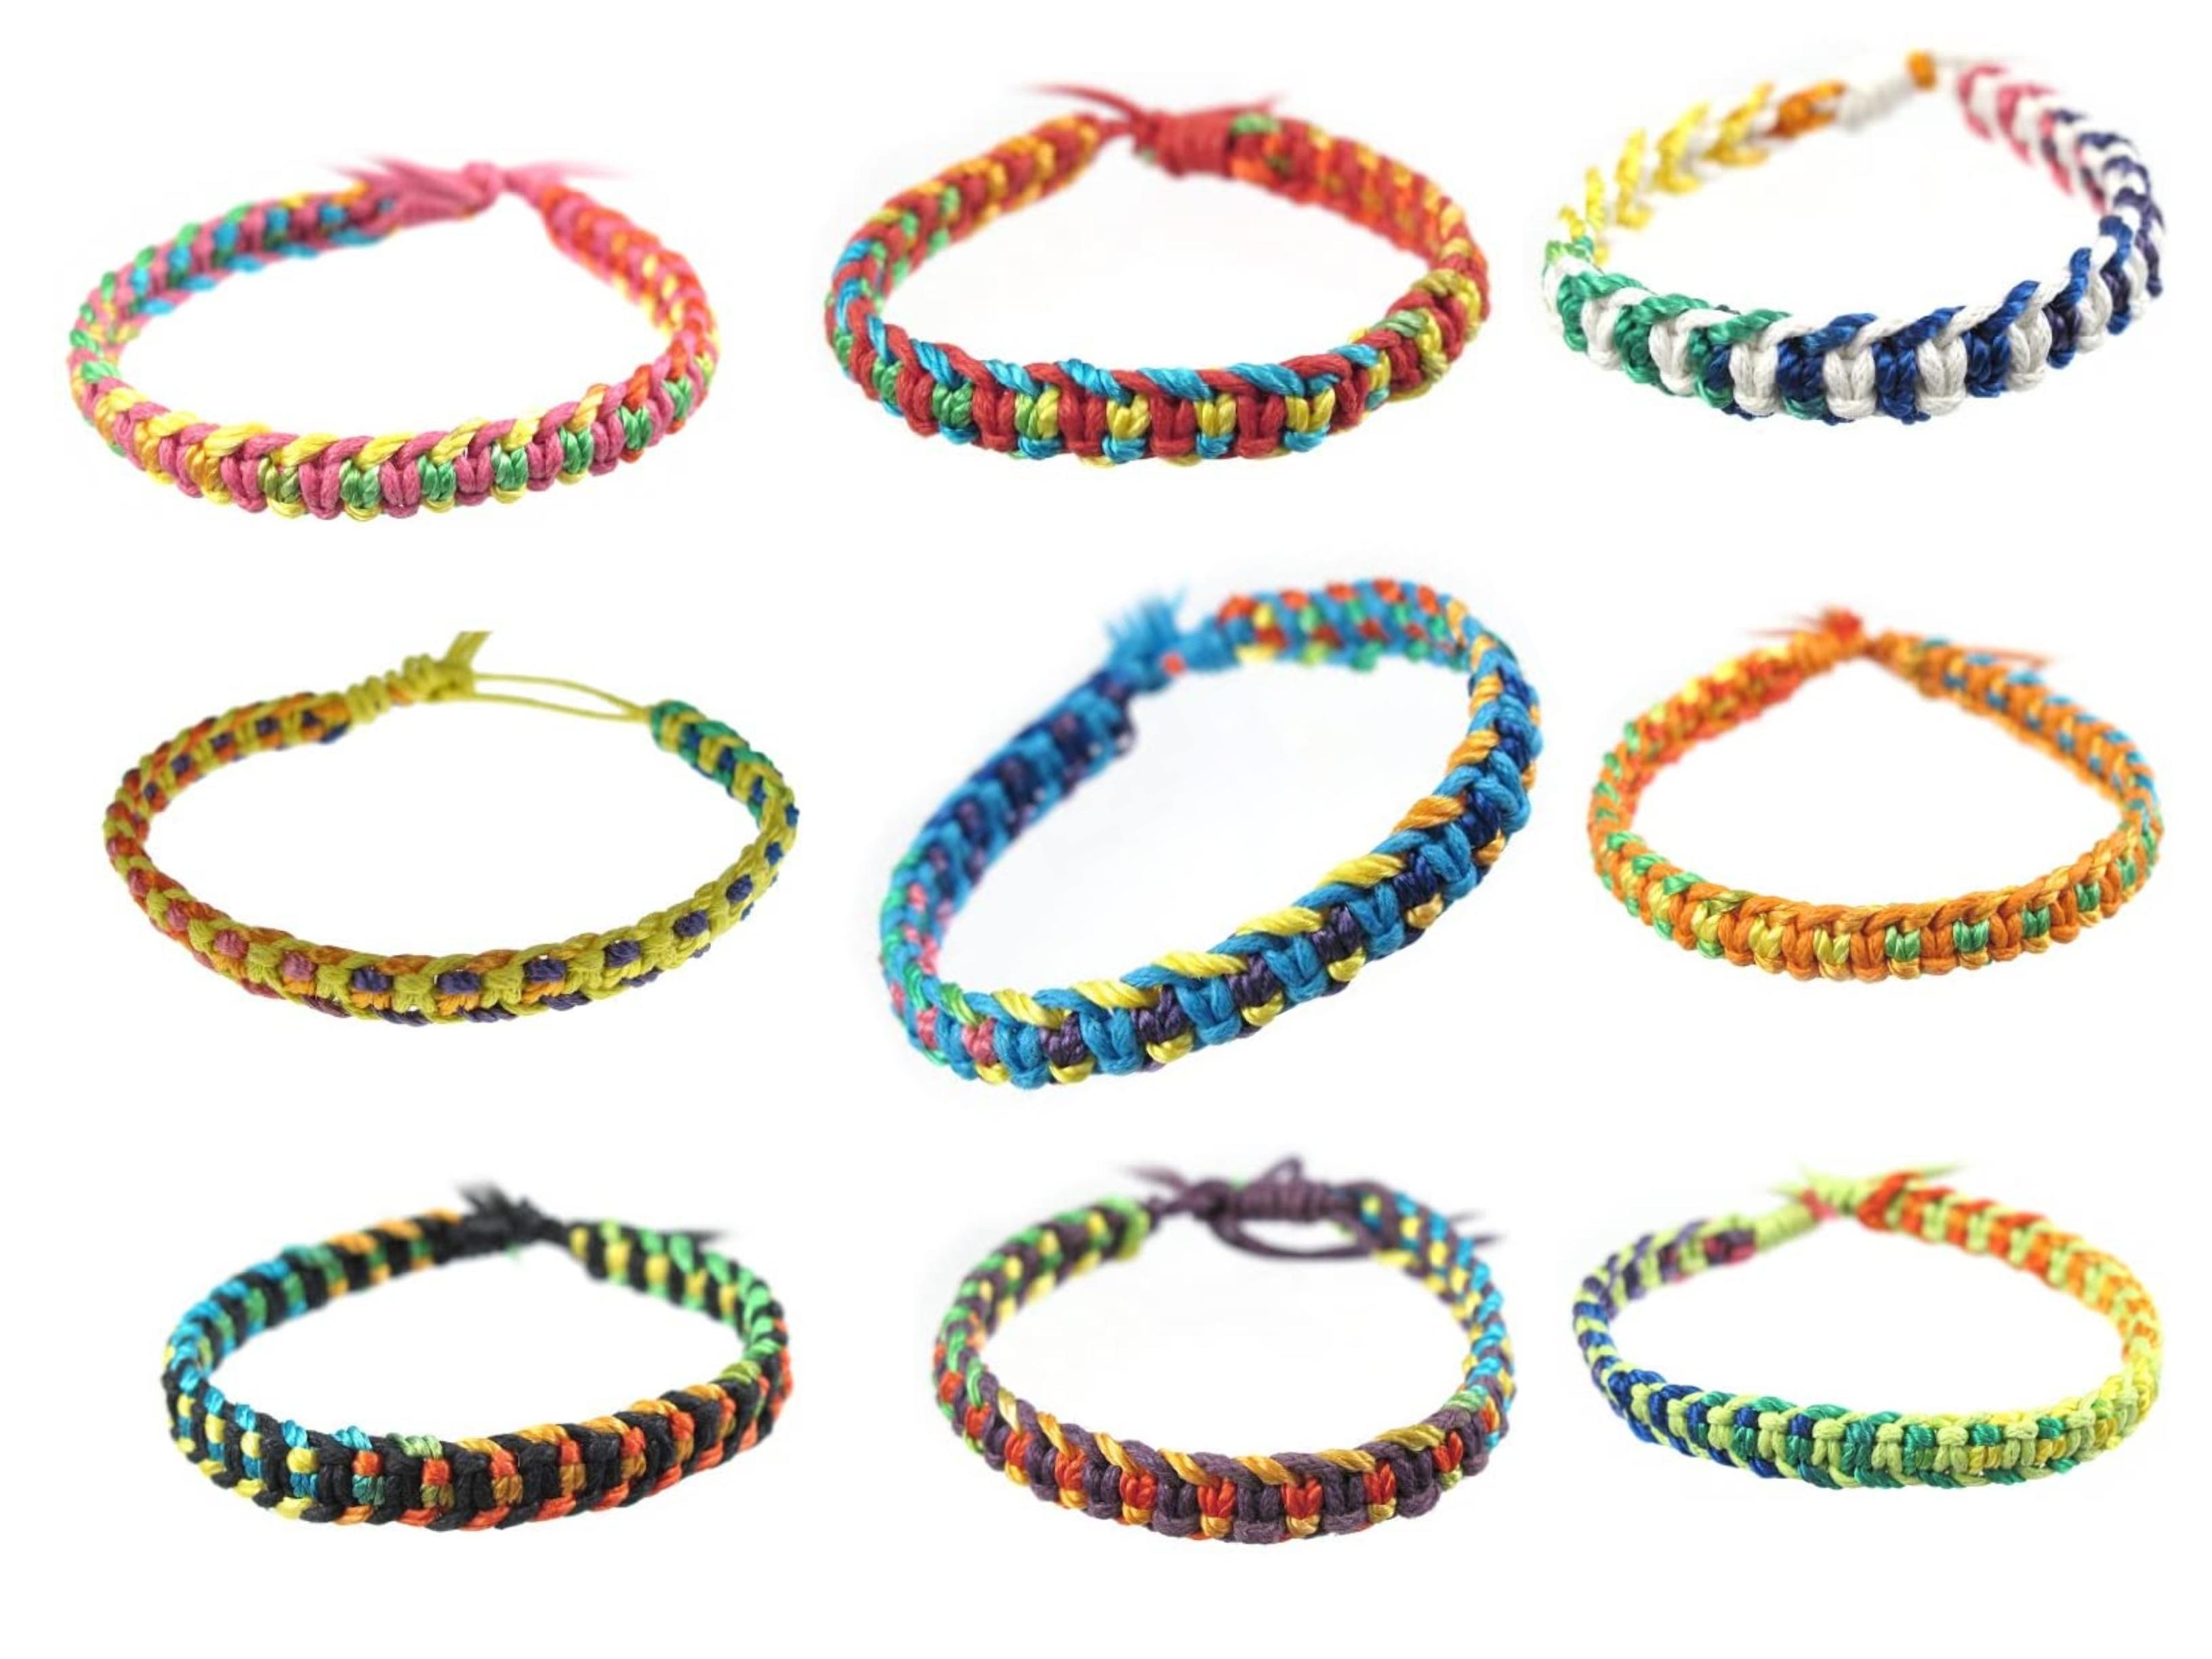 Wholesale Joblot Of 100 Waxed Cotton Friendship Cobra Knot Wrap Bracelets